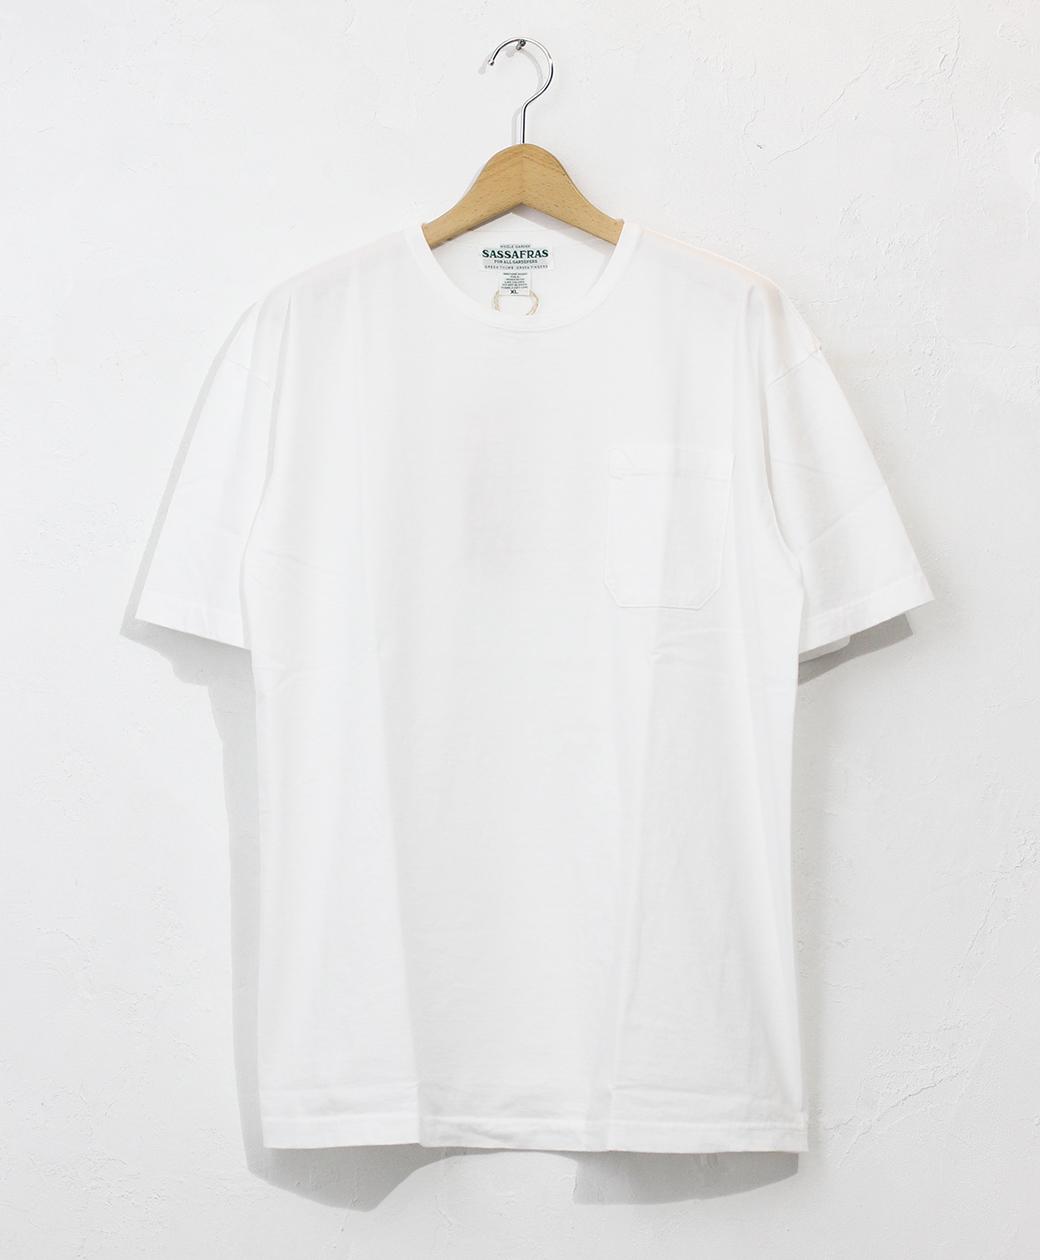 SASSAFRAS 20SS Chop Corner Pocket T 1/2(White)